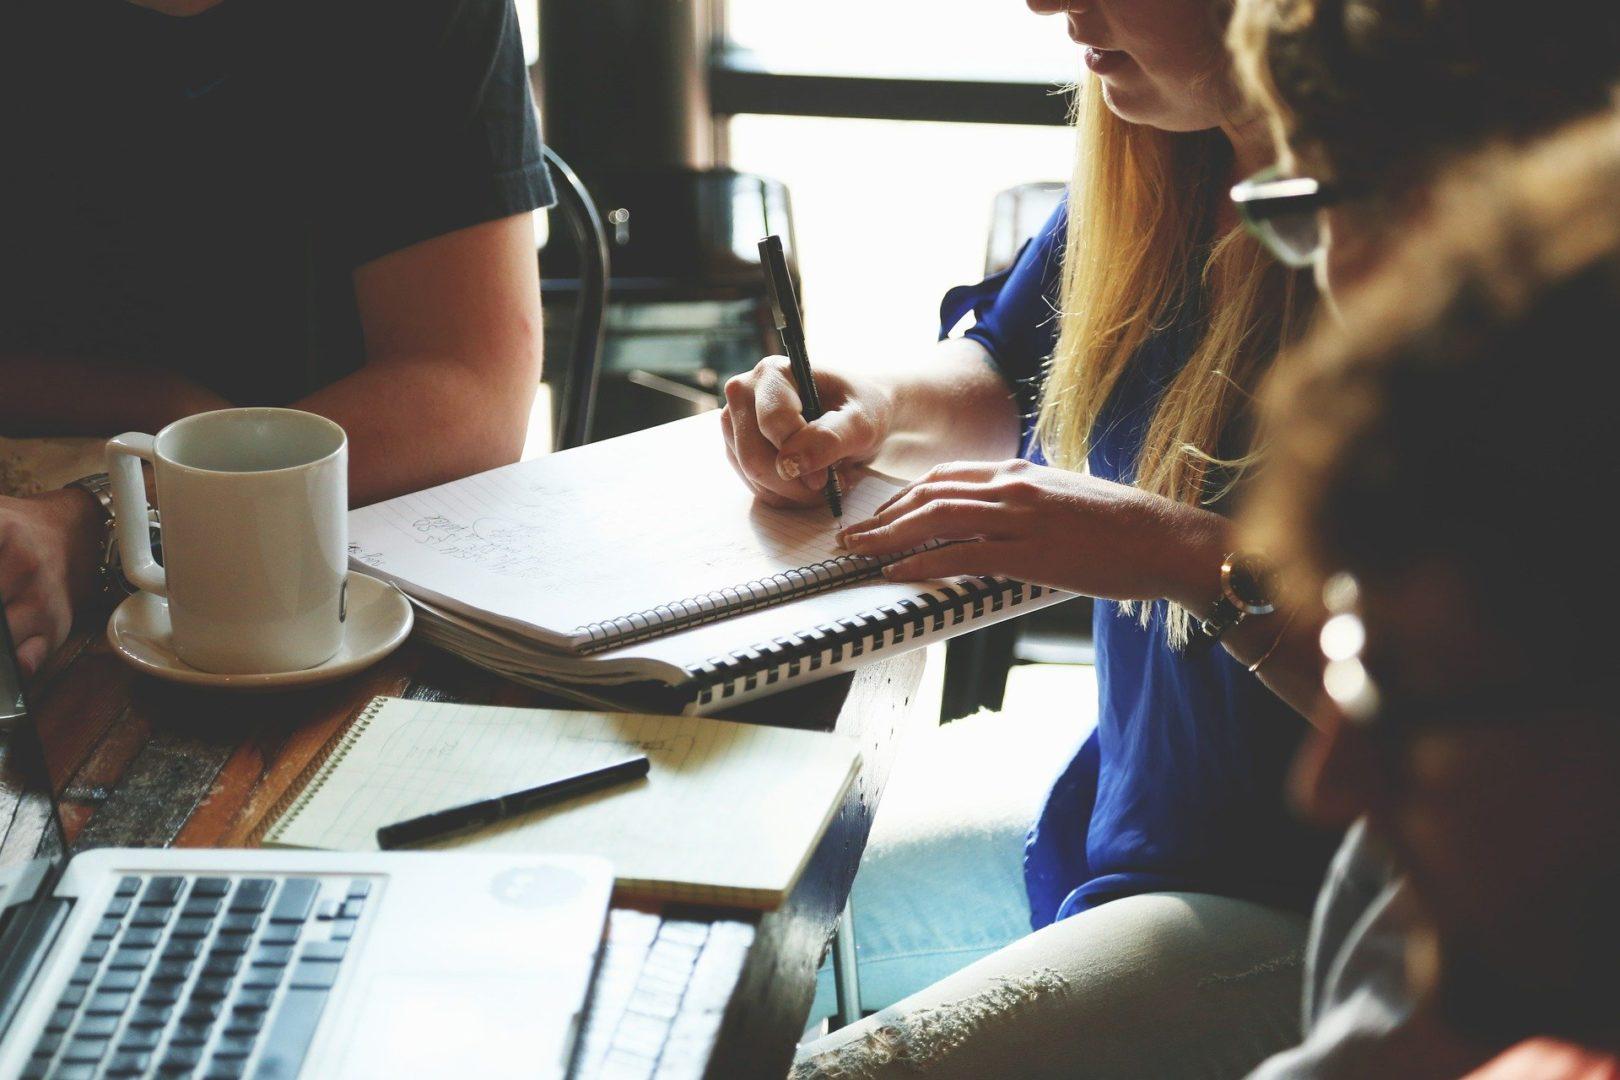 Kilka osób siedzi obok siebie i dyskutują, jedna z kobiet pisze notatki w zeszycie